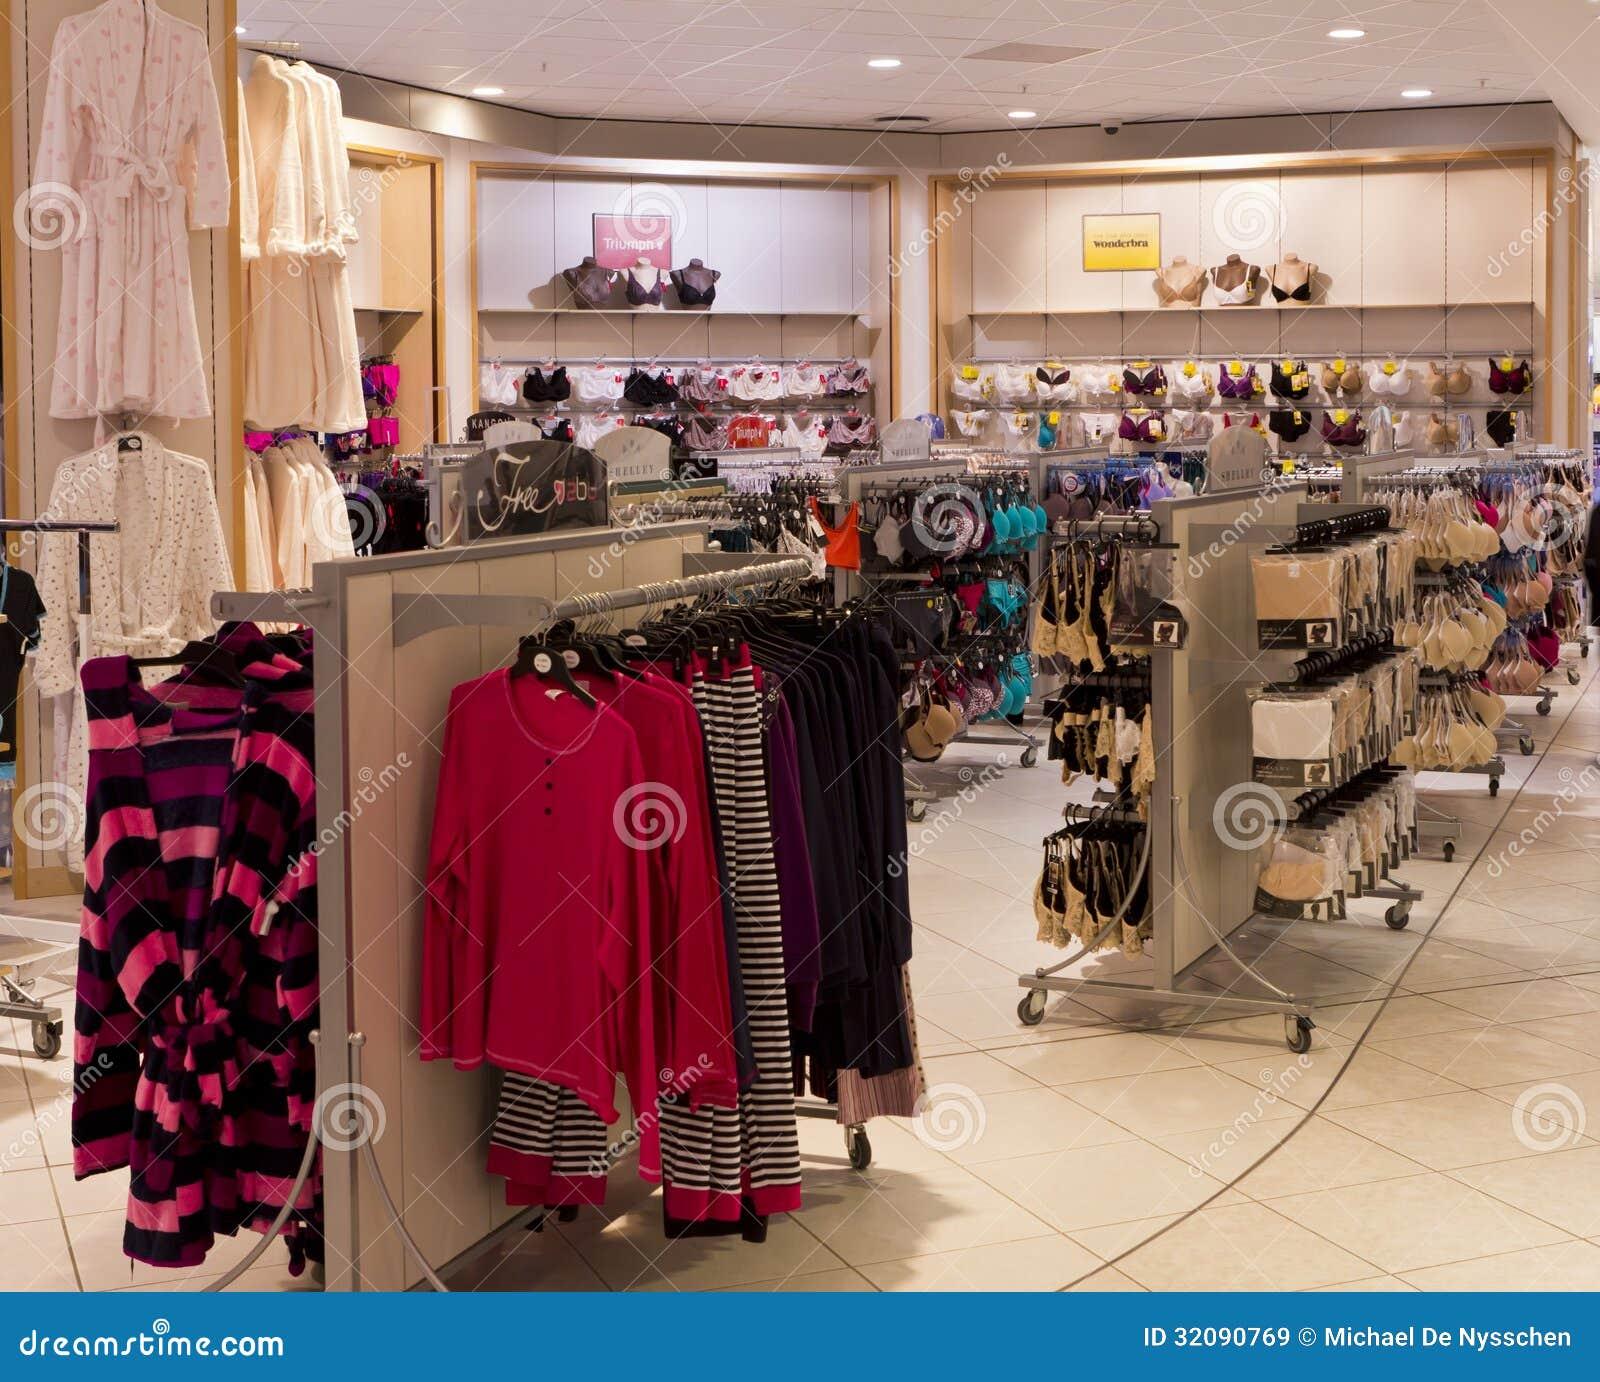 Secci n de la ropa interior en tienda de ropa imagen de for Tias buenas en ropa interior